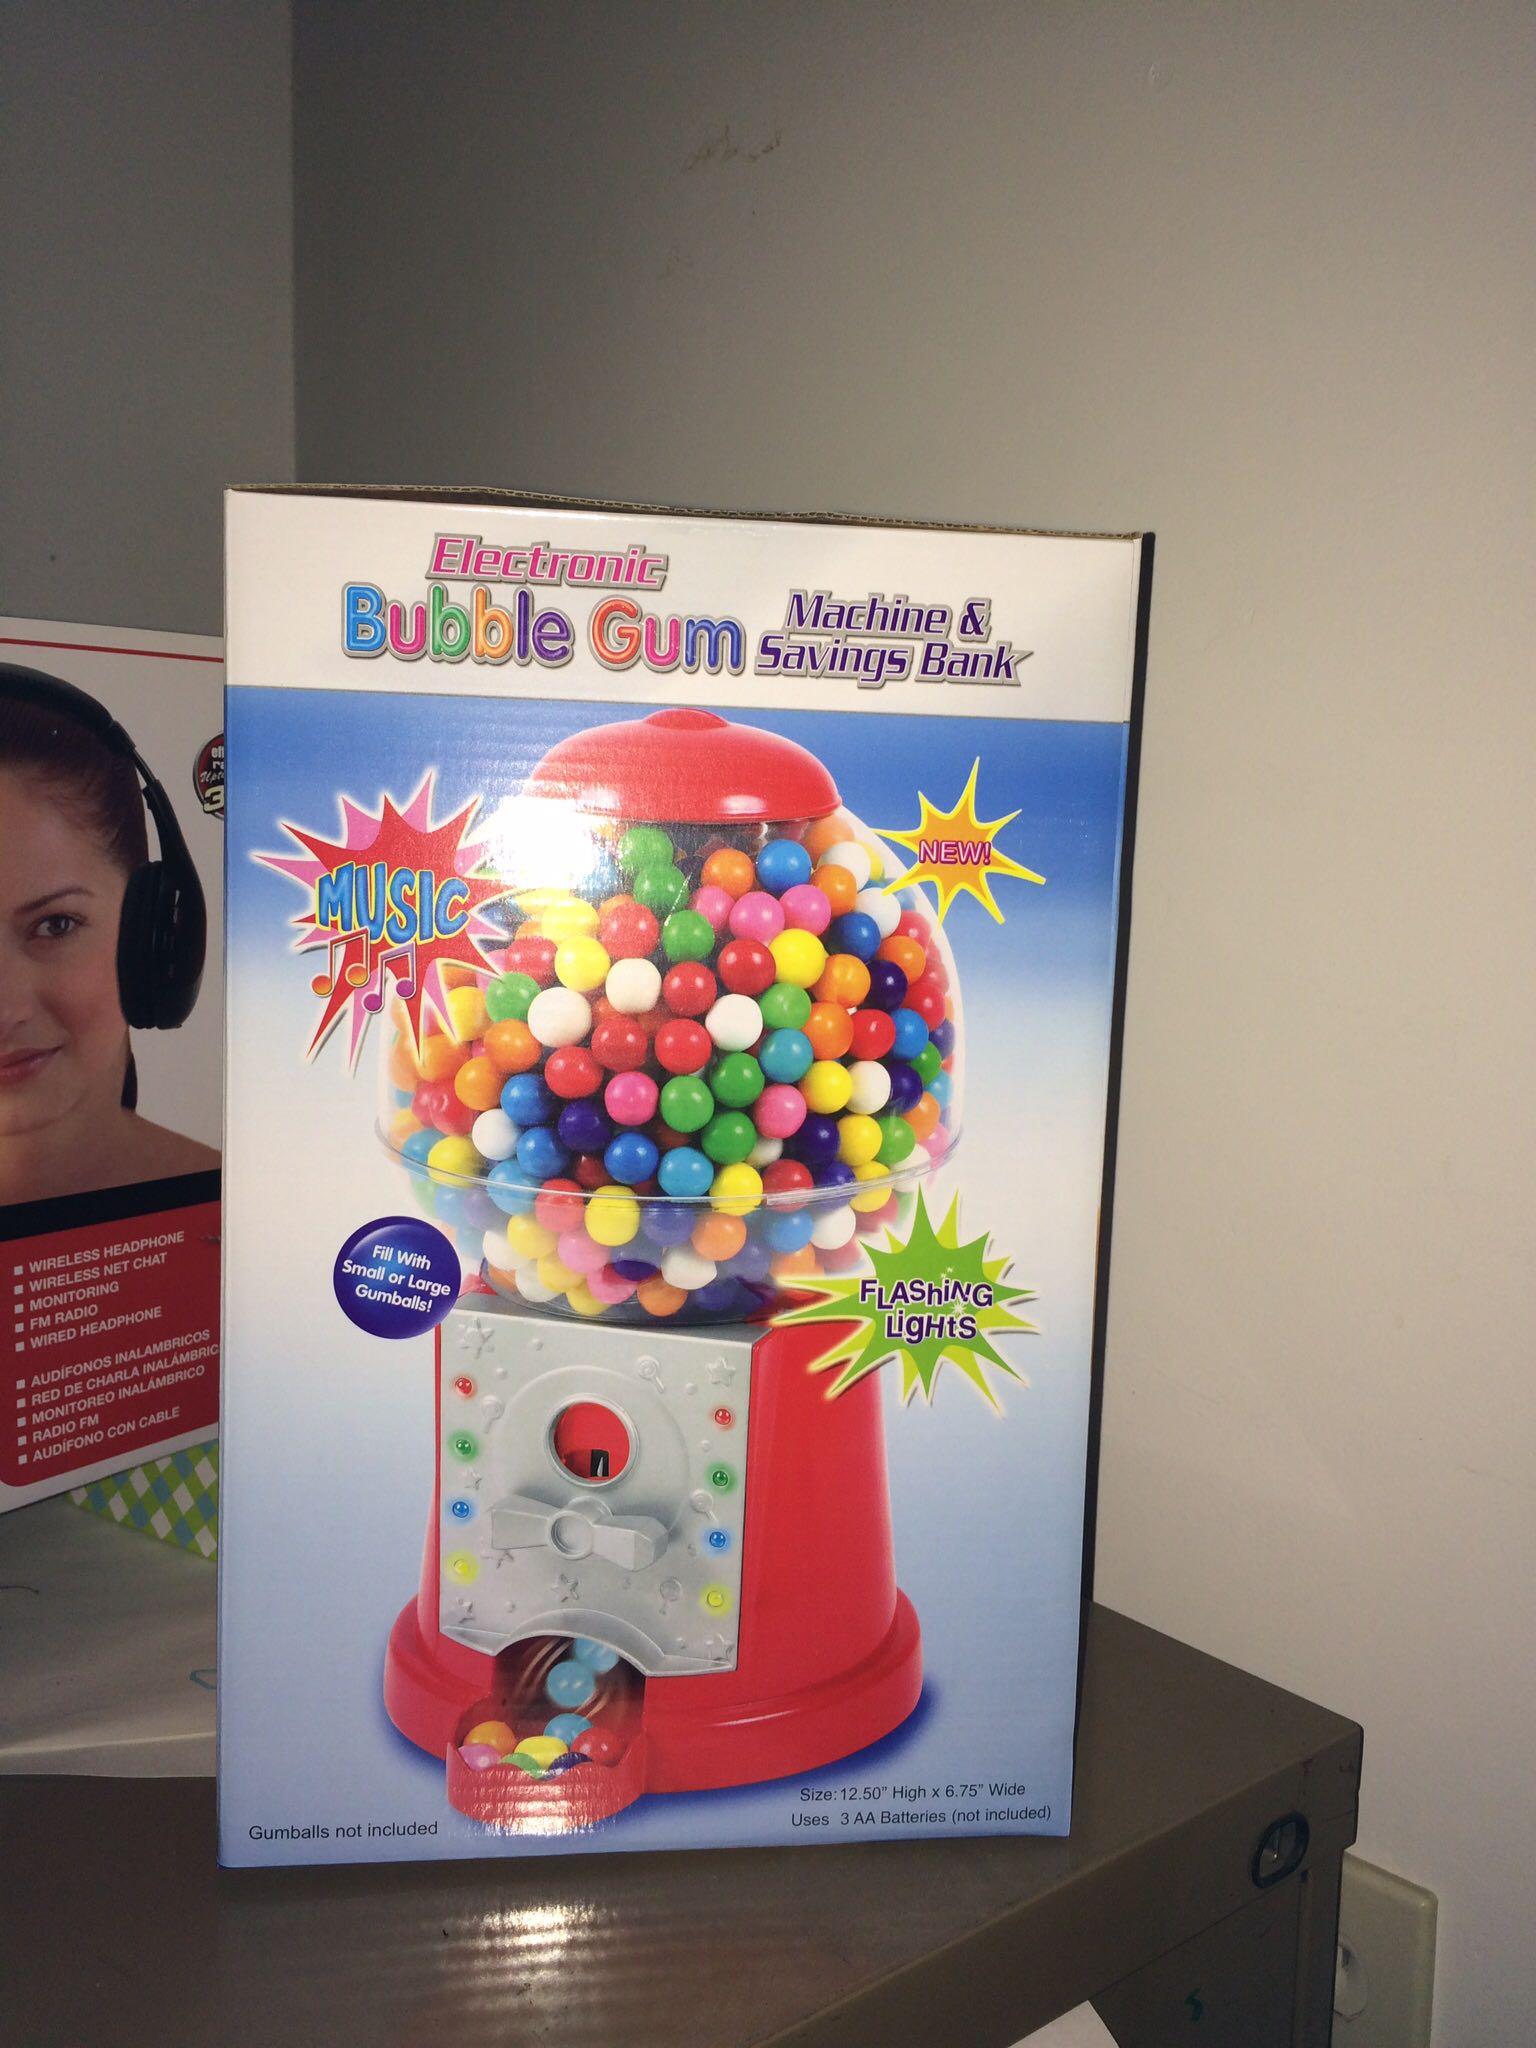 Bubble gum machine/bank